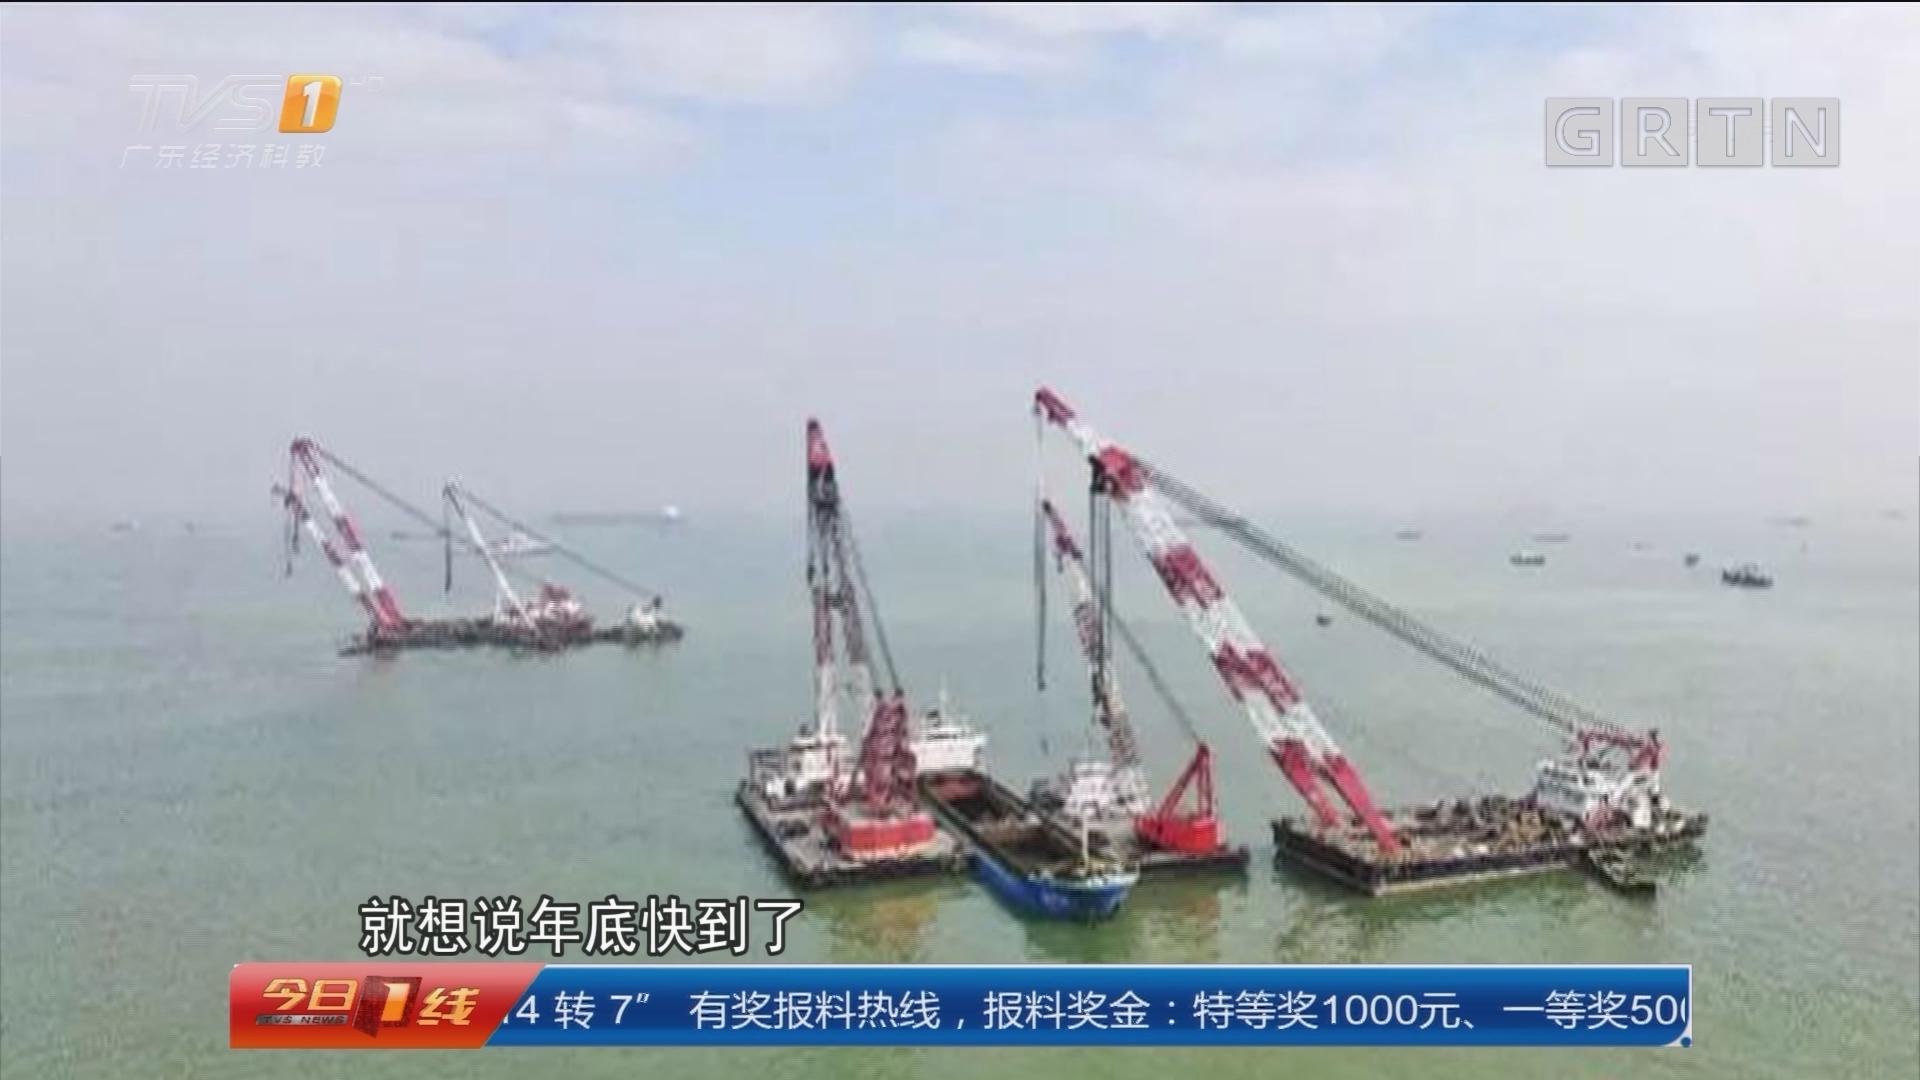 珠江口撞船事故追踪:事发海域搜救继续进行 5人仍失联